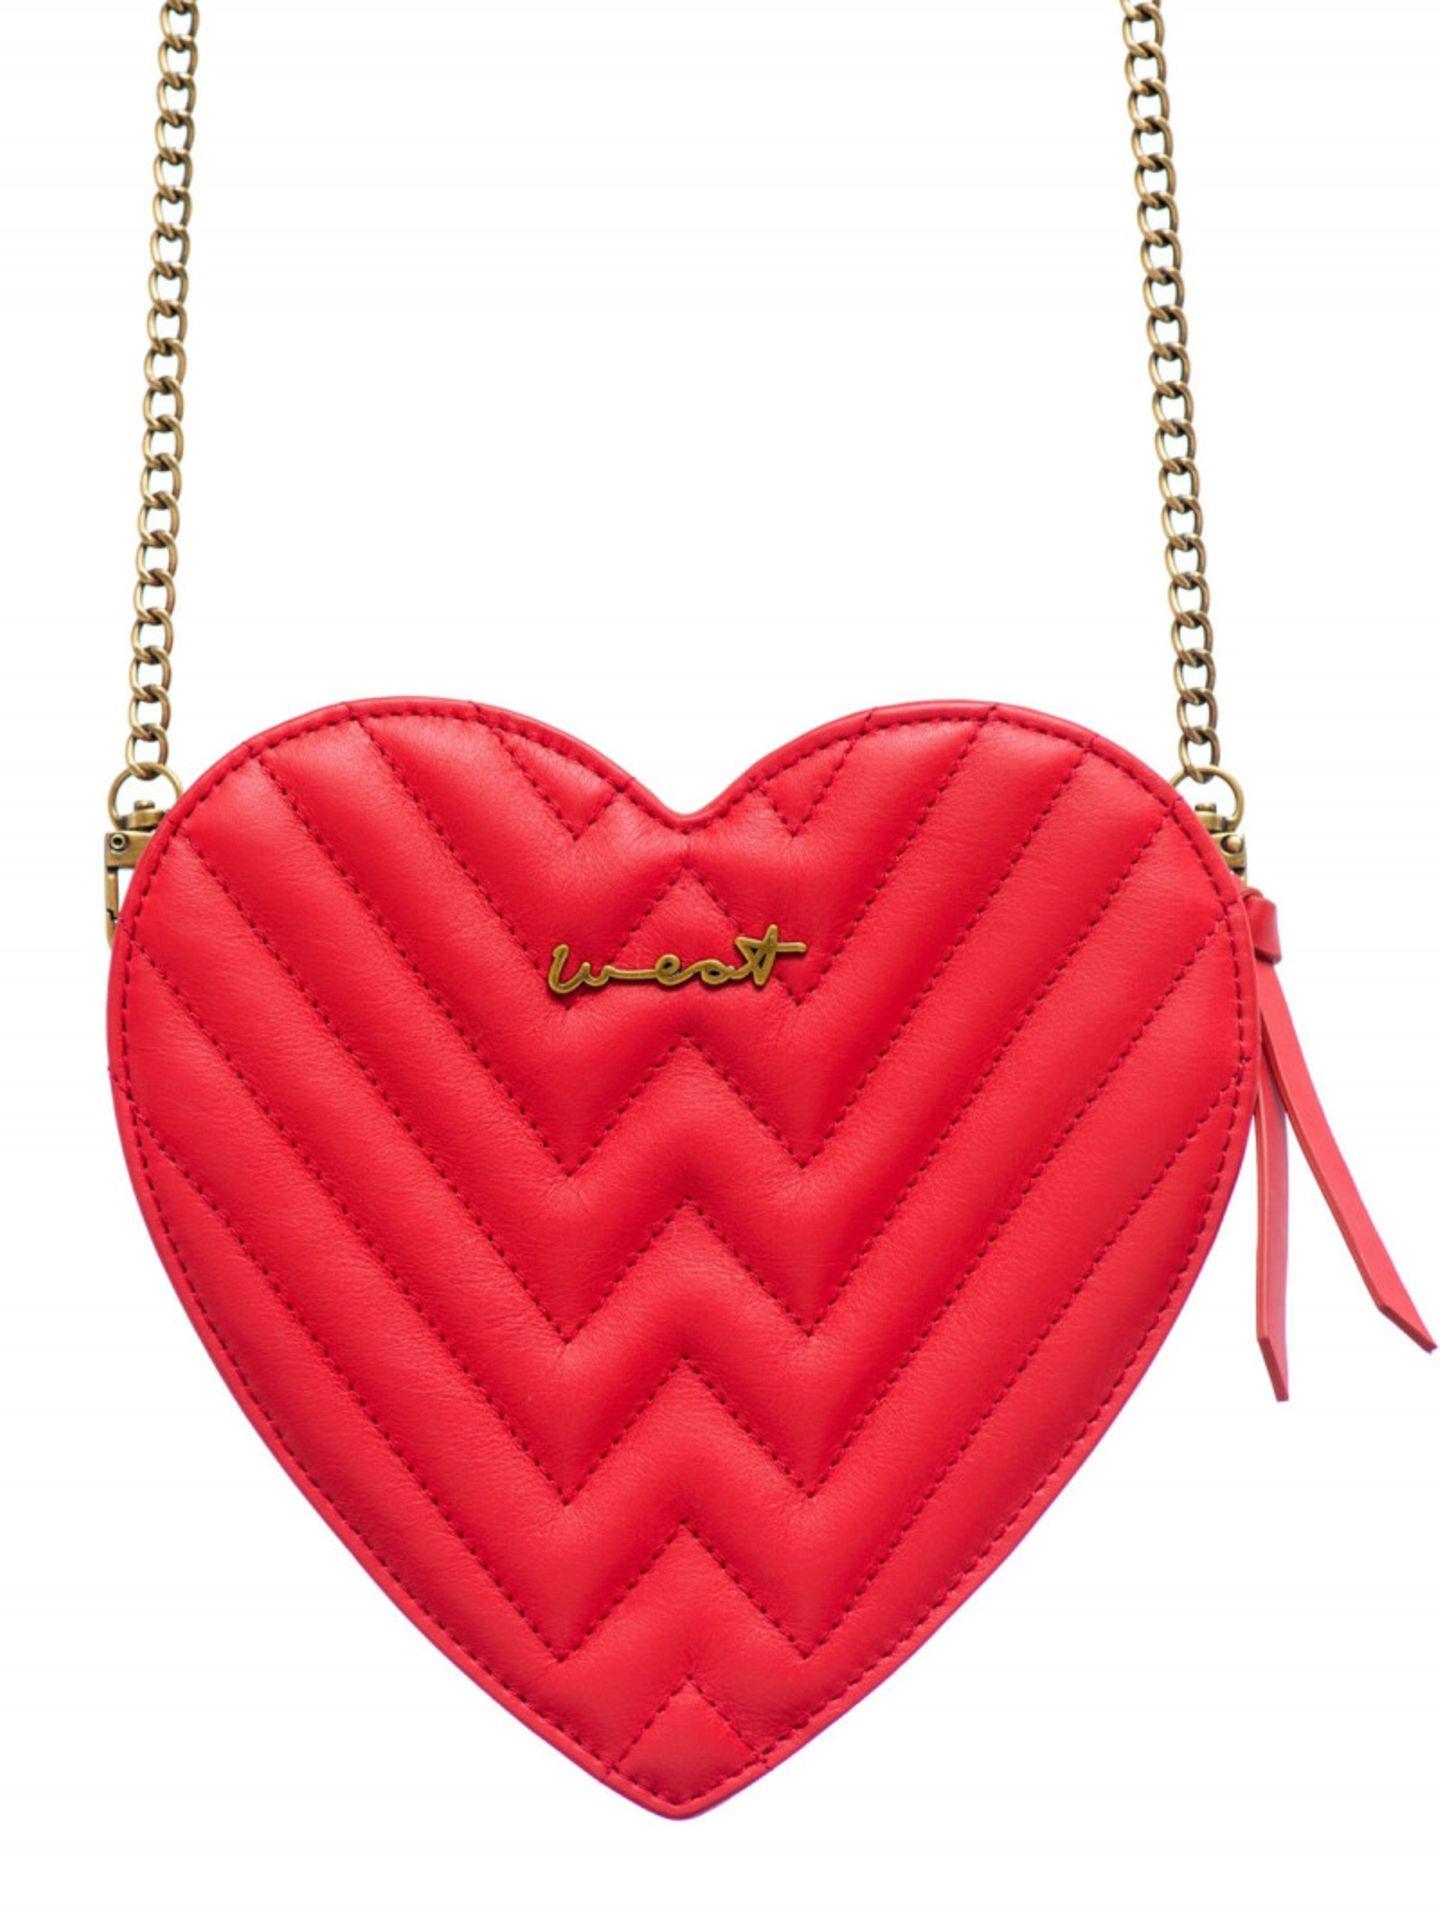 Dirndl-Trends 2019: rote Tasche in Herzform von WEAT